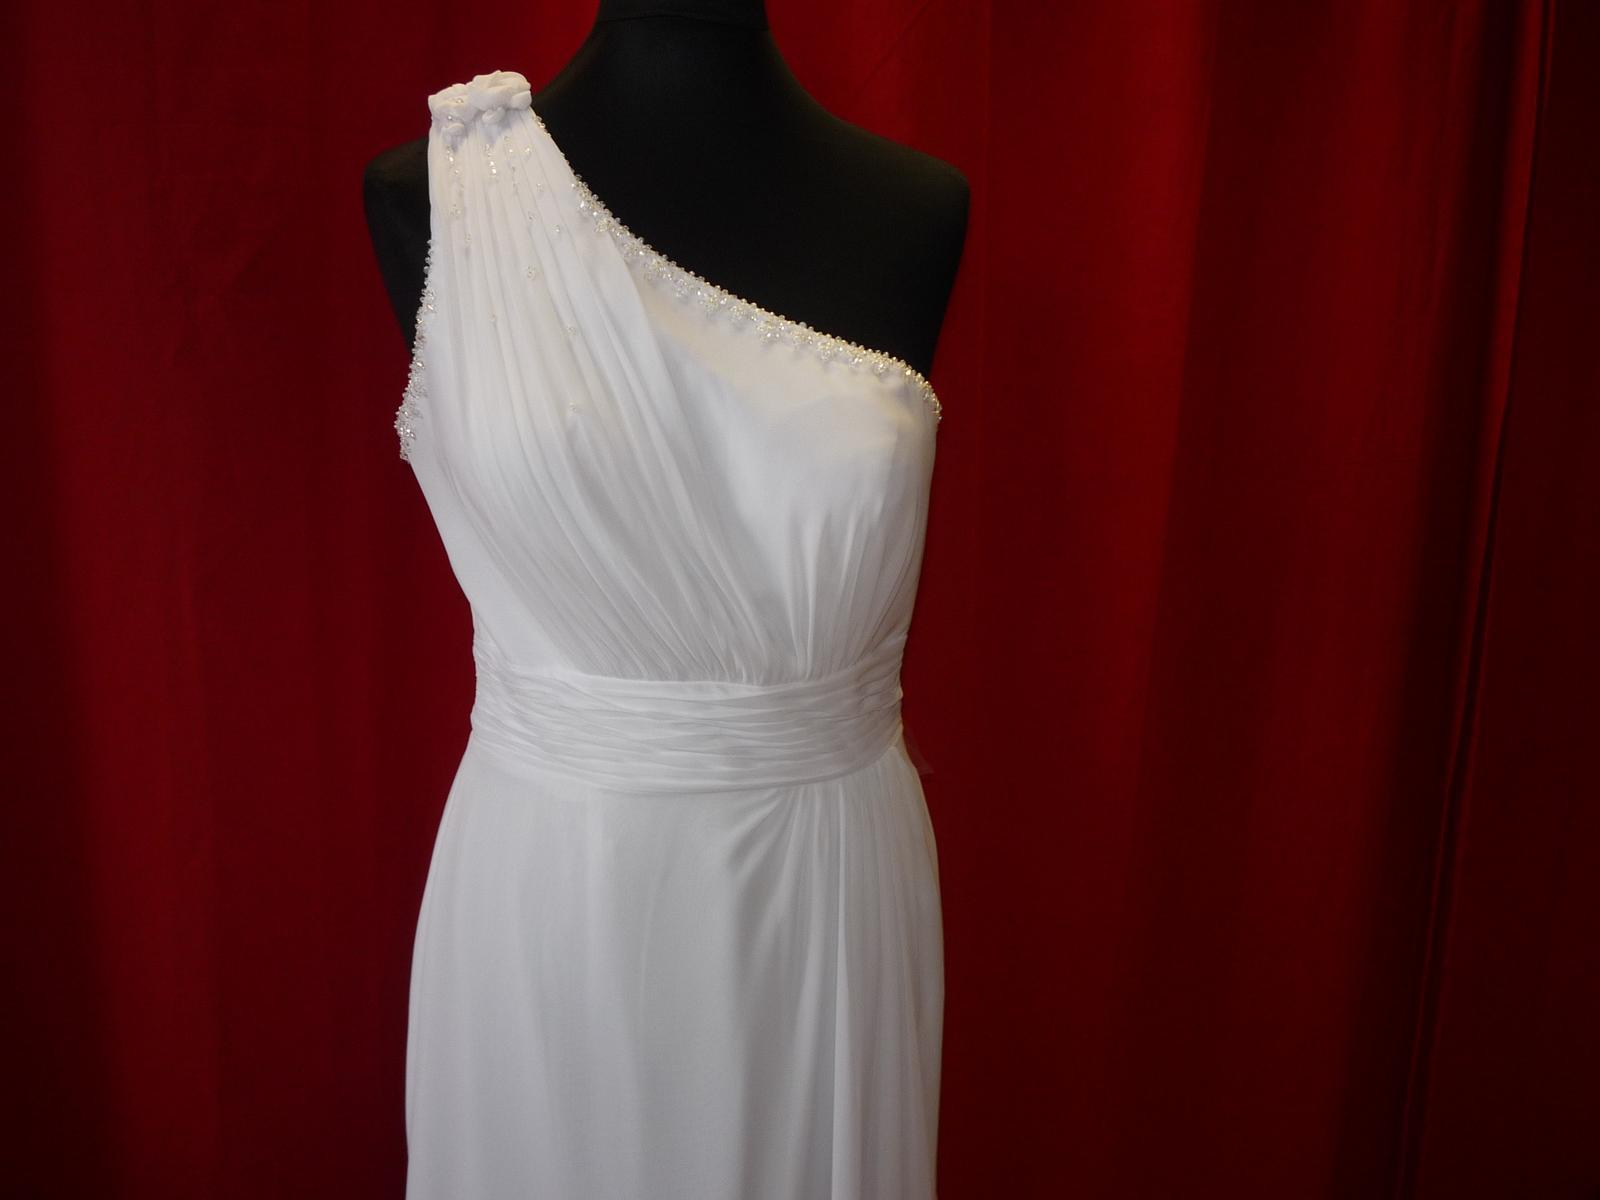 Tento typ šatů máme... - Obrázek č. 1